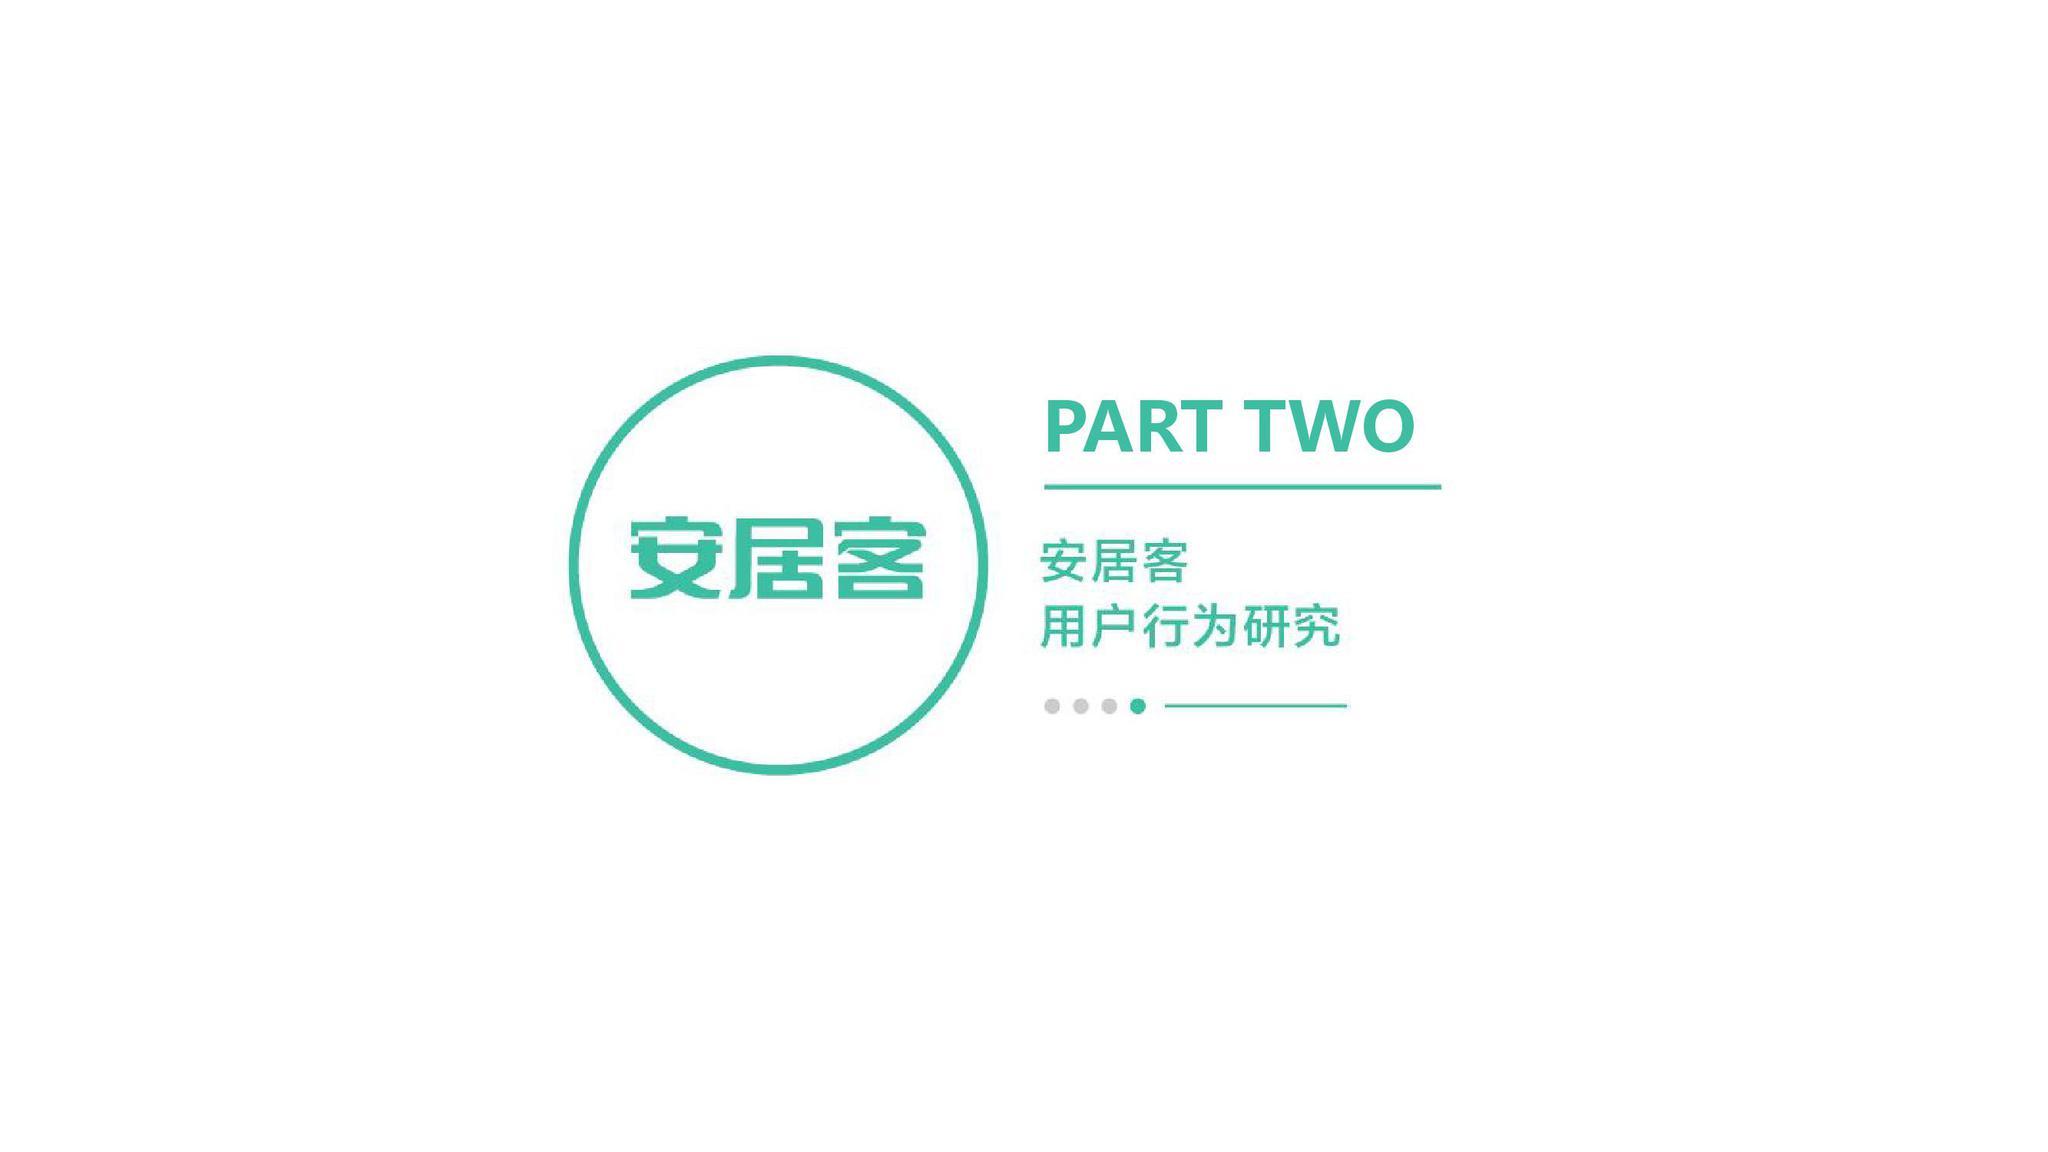 【6月信息审核专题】【第3期】房产图片信息审核_手机新浪网